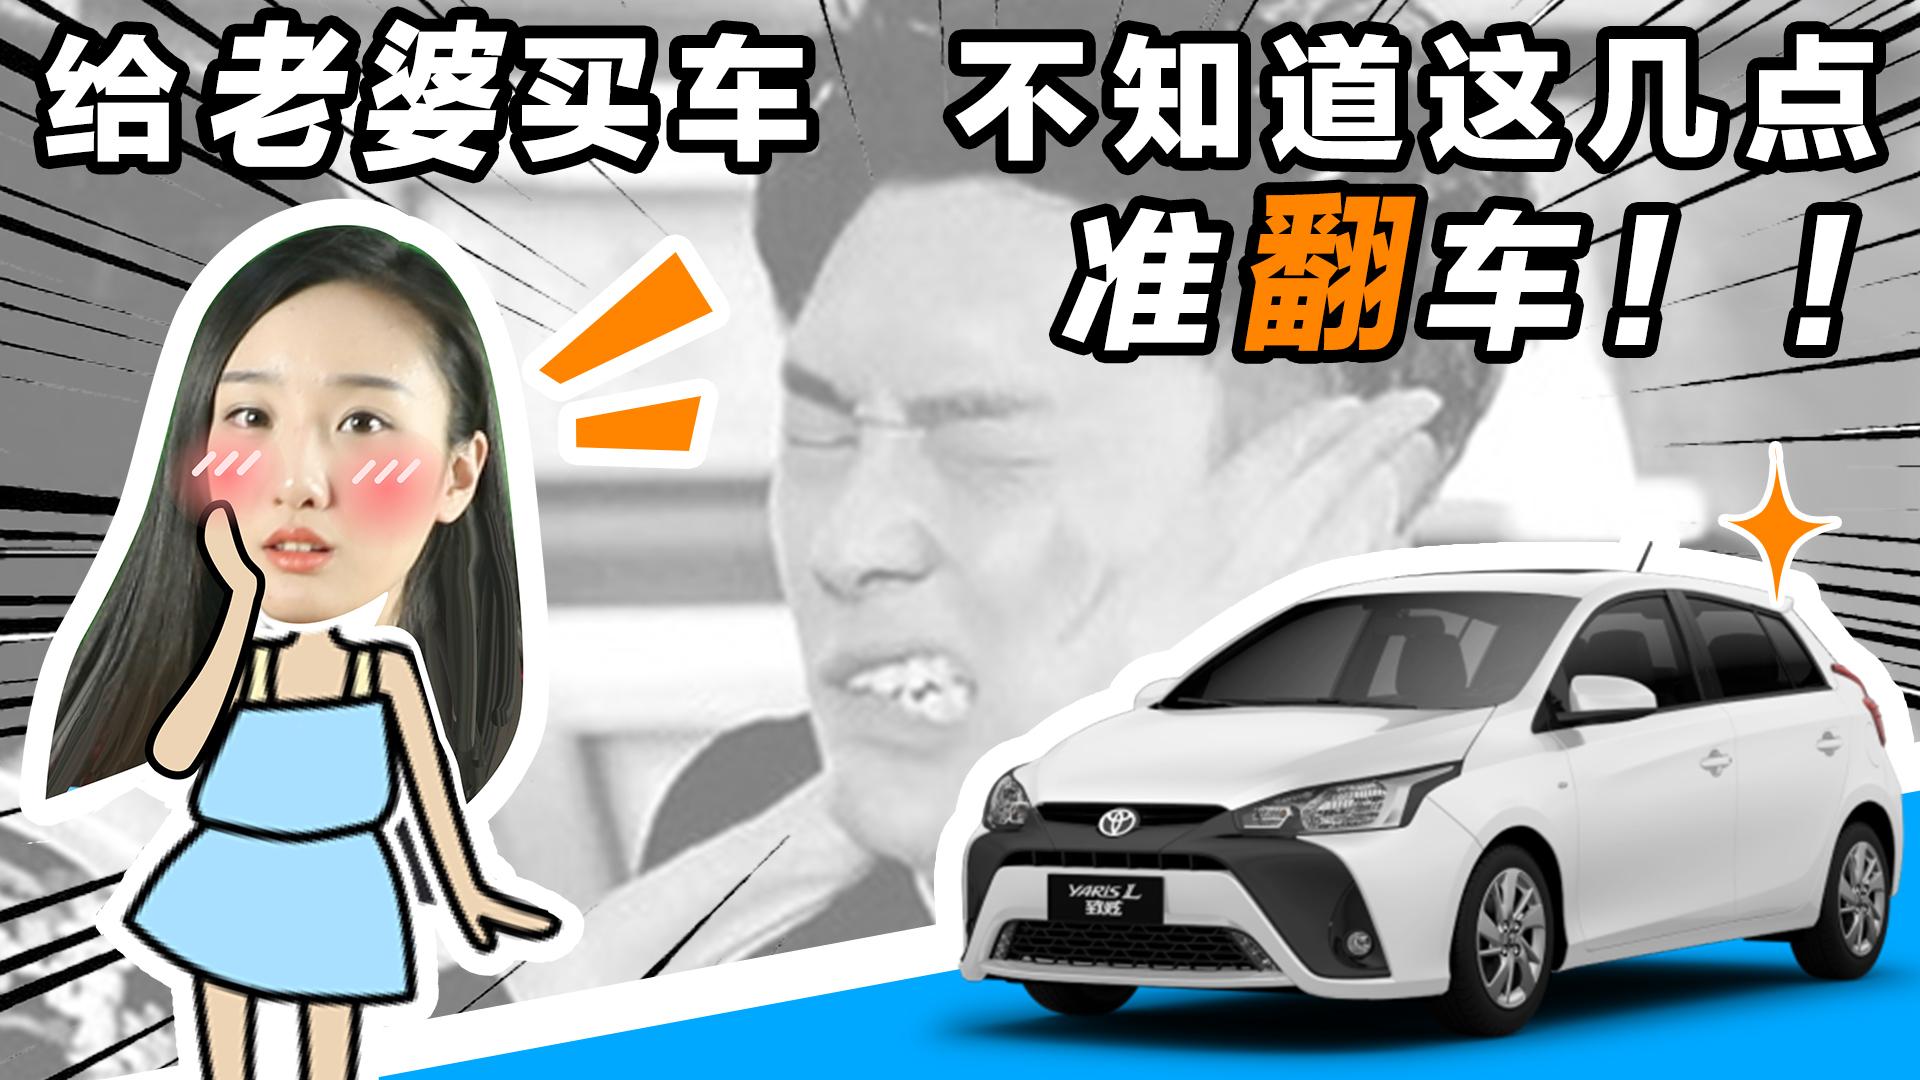 【选车帮帮忙】给老婆买车 不知道这几点 准翻车!